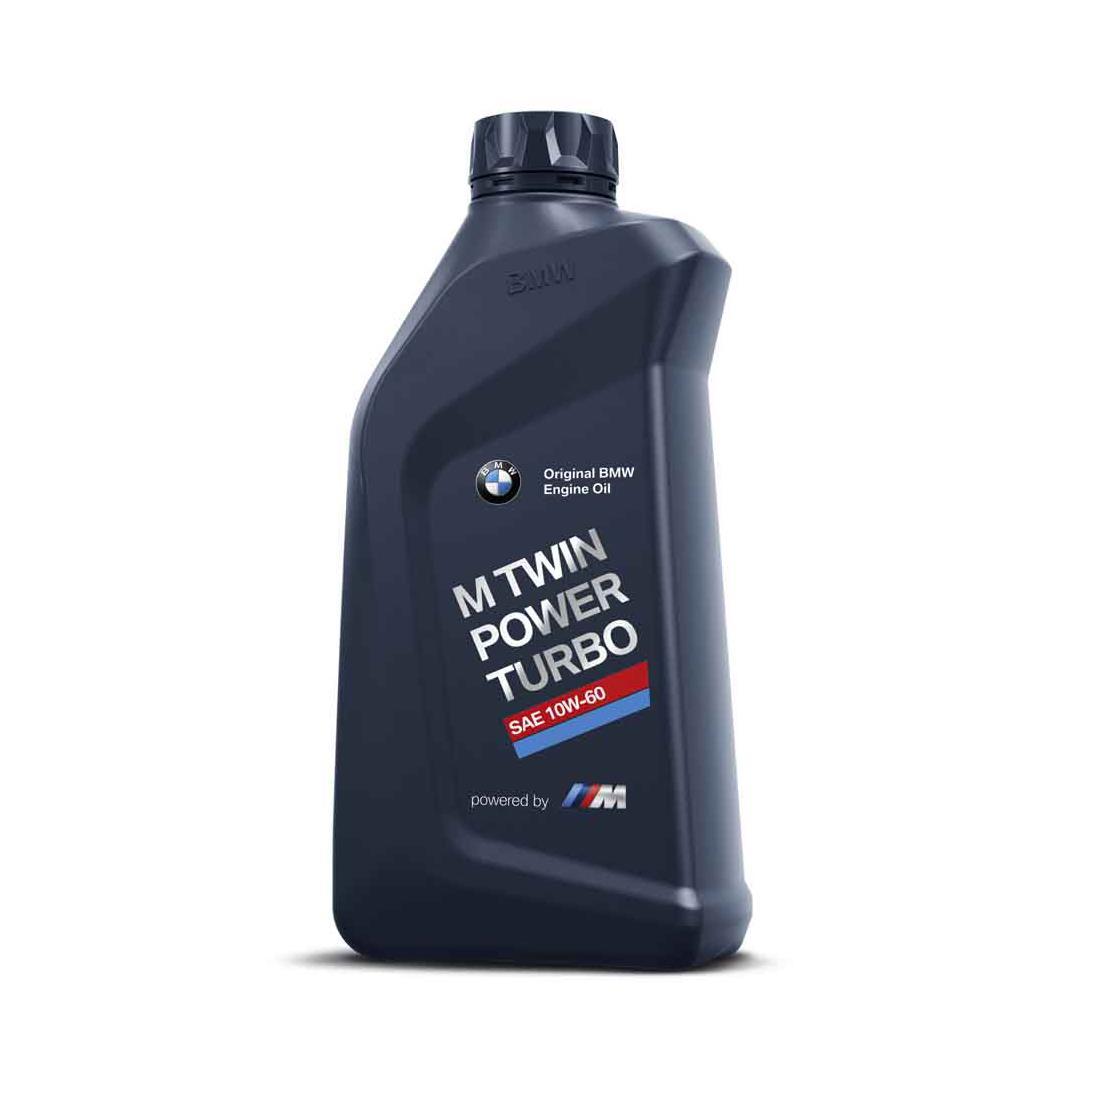 M TwinPower Turbo 10W-60 Engine Oil - 1 Liter